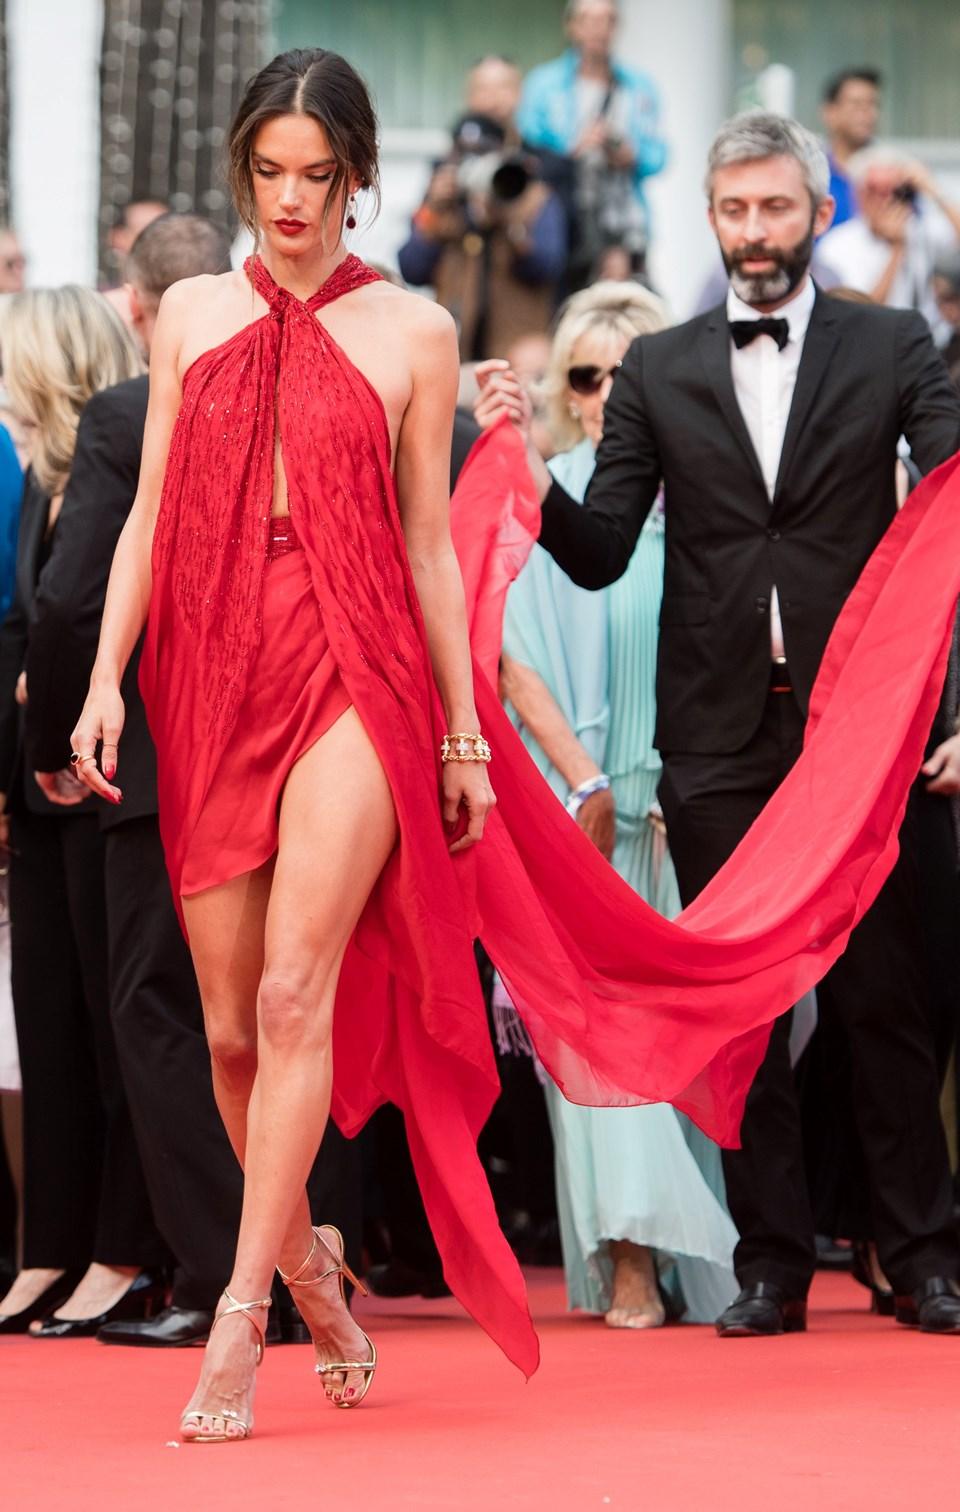 Ambrosio geçen yıl en çok72. Cannes Film Festivali kırmızı halısındaki kıyafetiyle konuşuldu